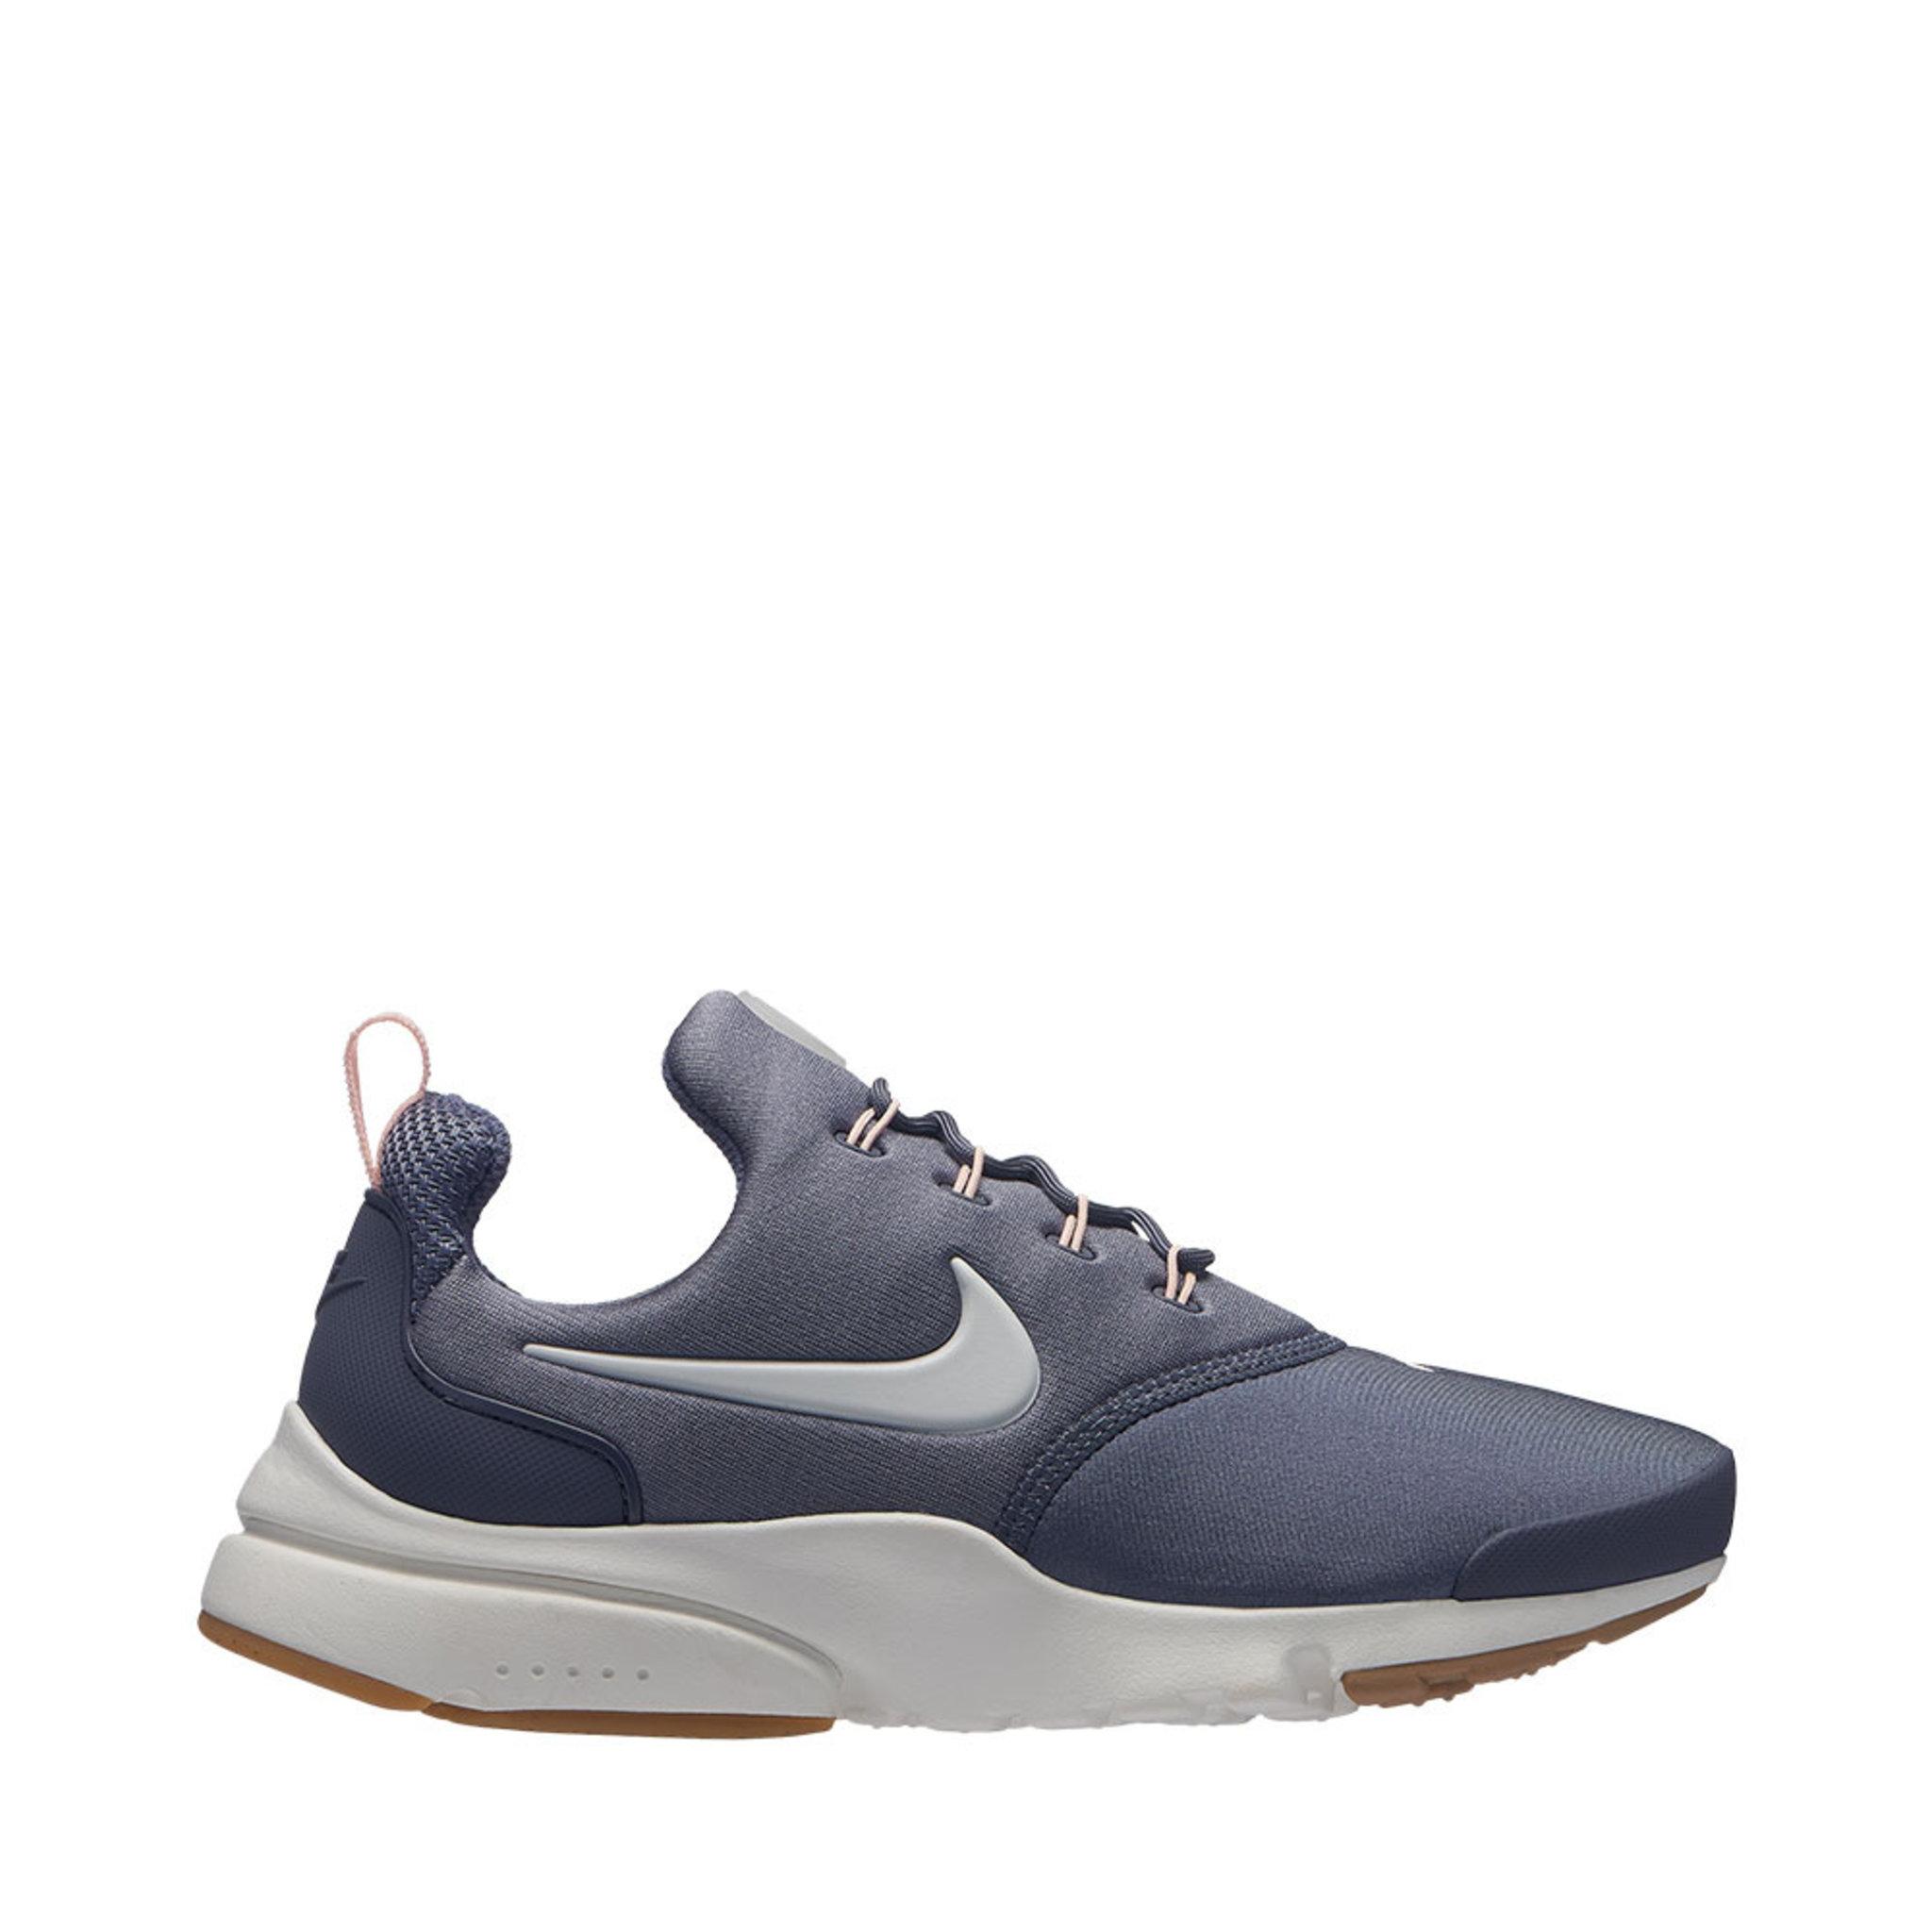 huge selection of 2d639 50fb4 Nike Presto Fly - Sneakers - Köp online på åhlens.se!